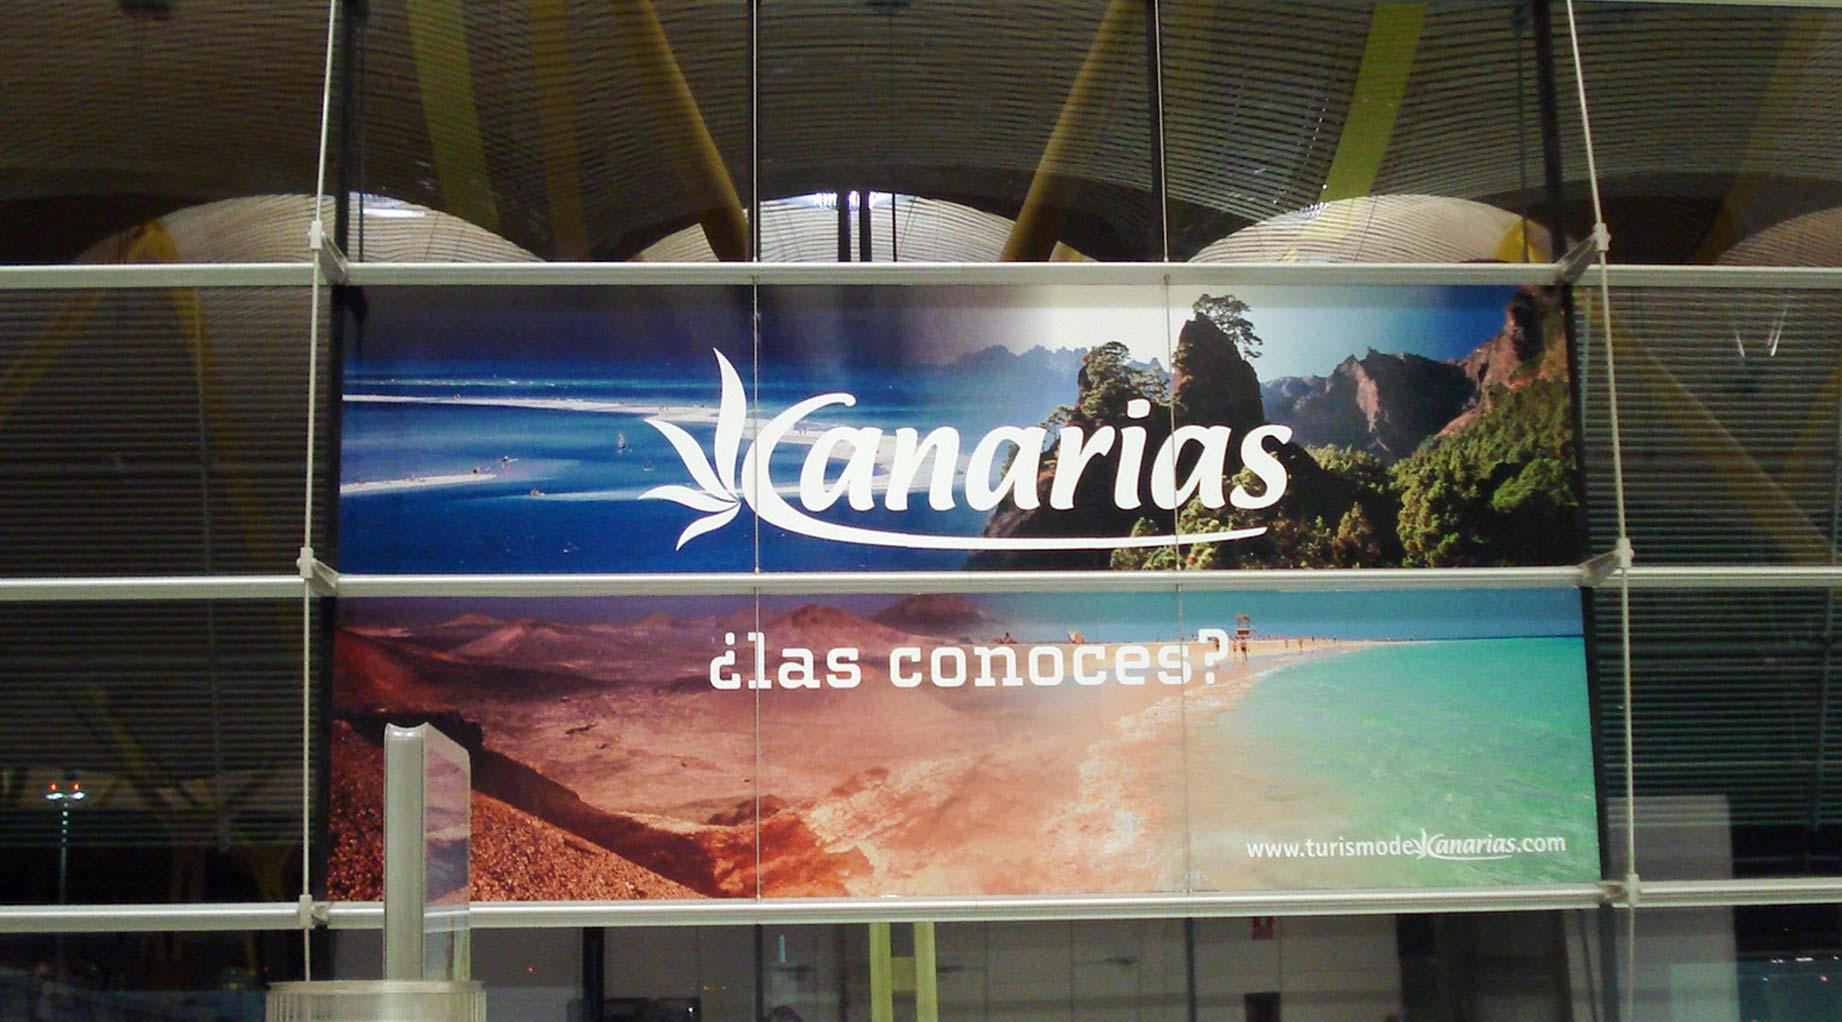 Aeropuerto Canarias